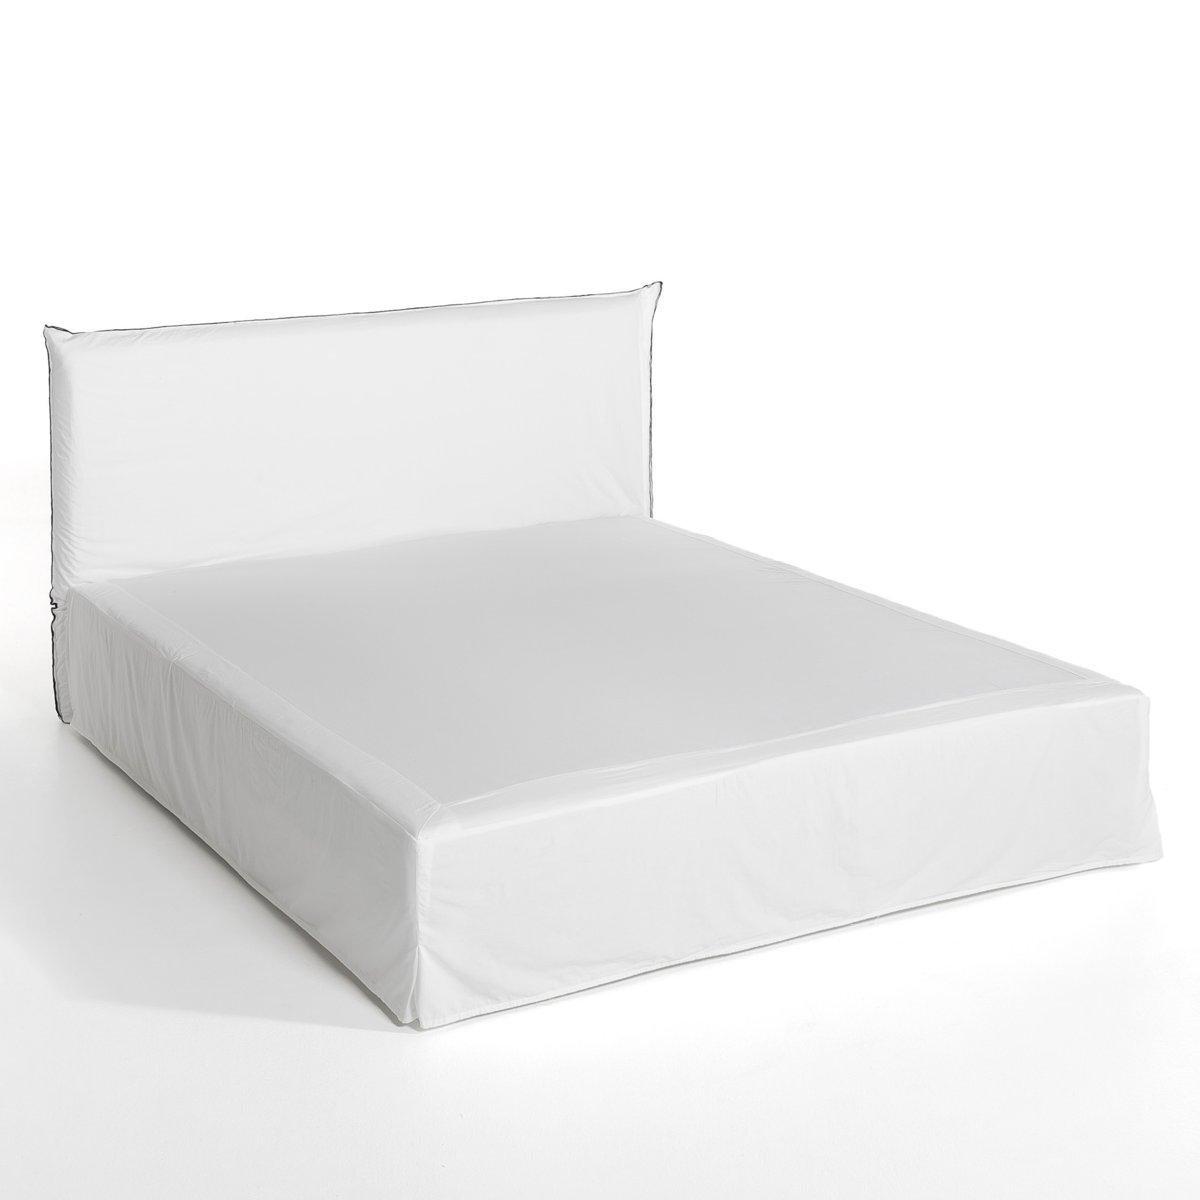 Чехол для изголовья кровати и наматрасник Sandor